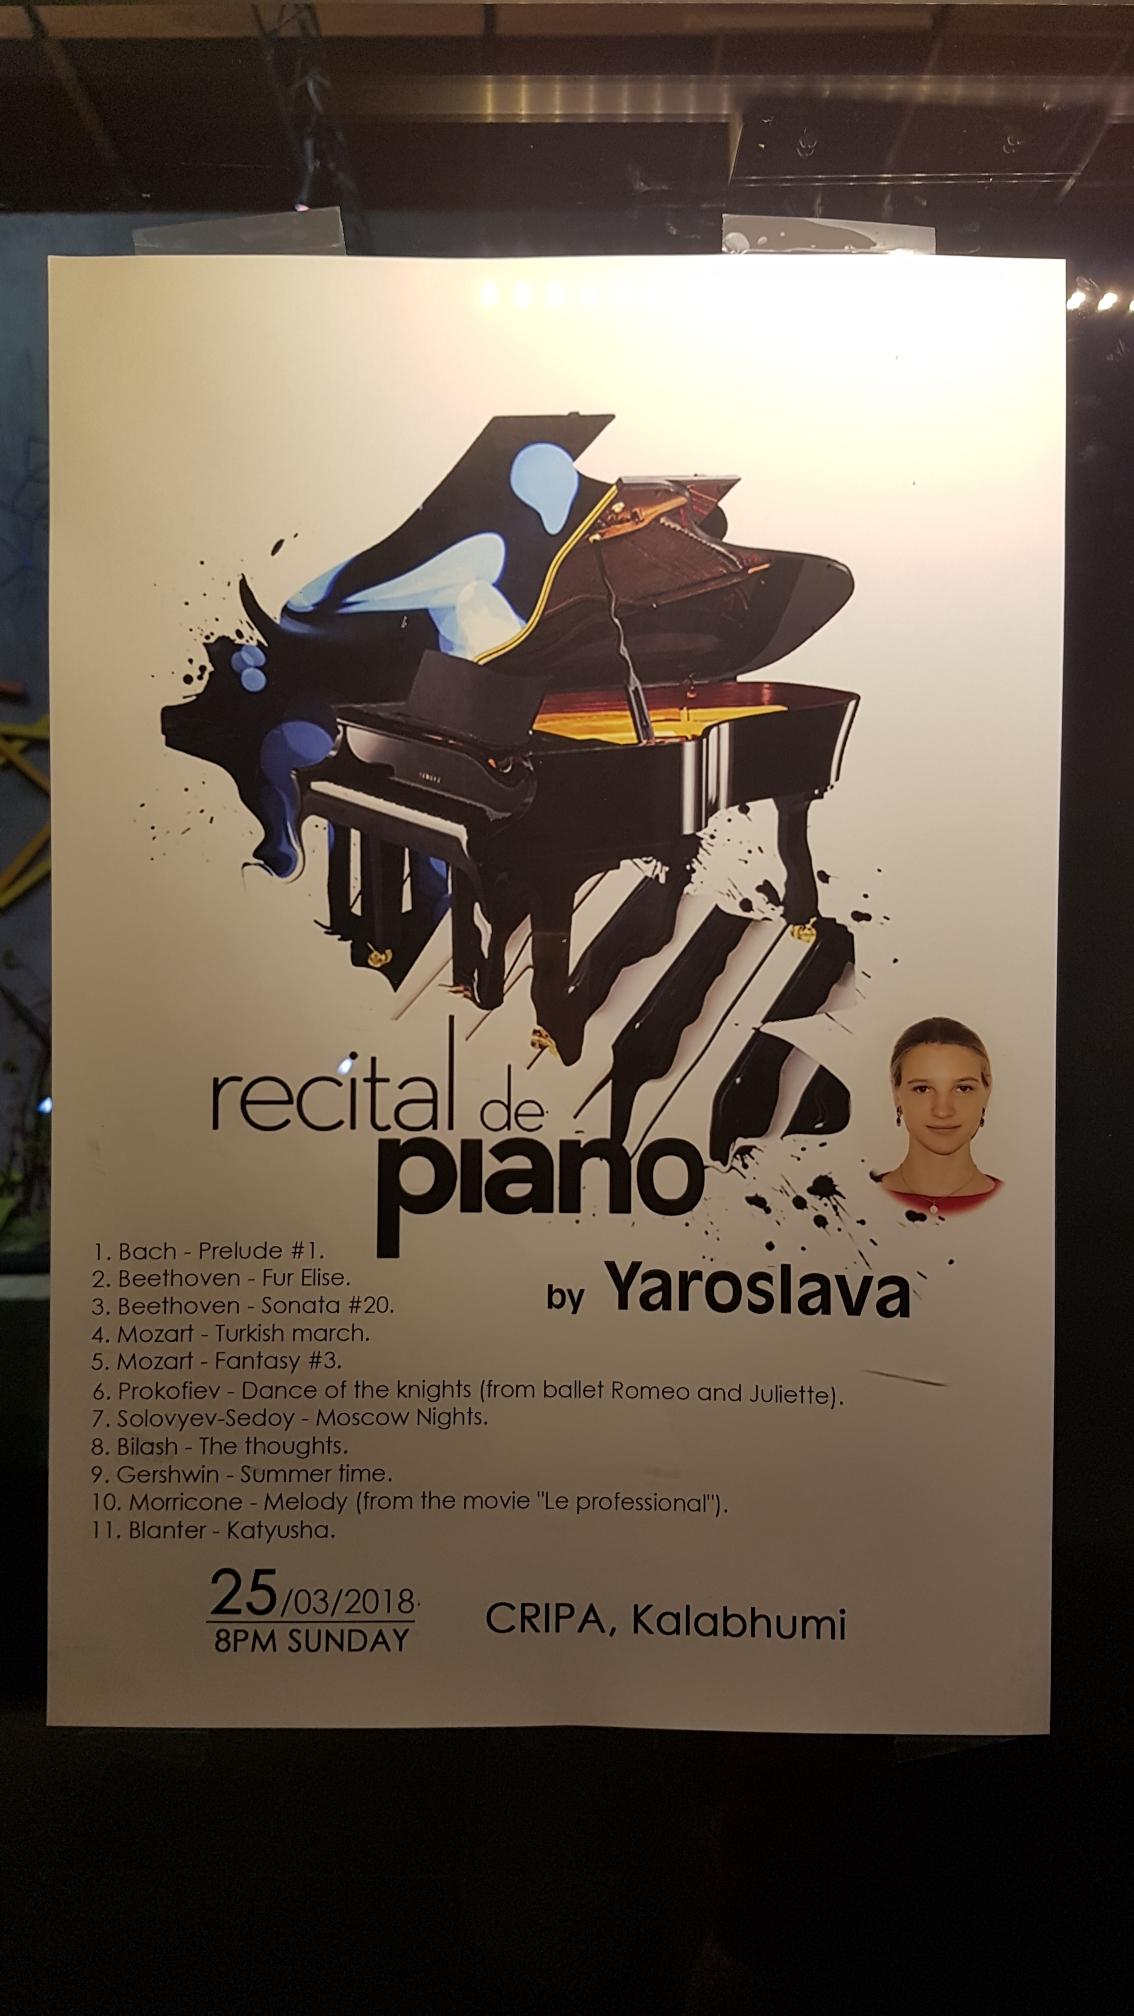 오로빌 세달 살기 : 피아노 연주회